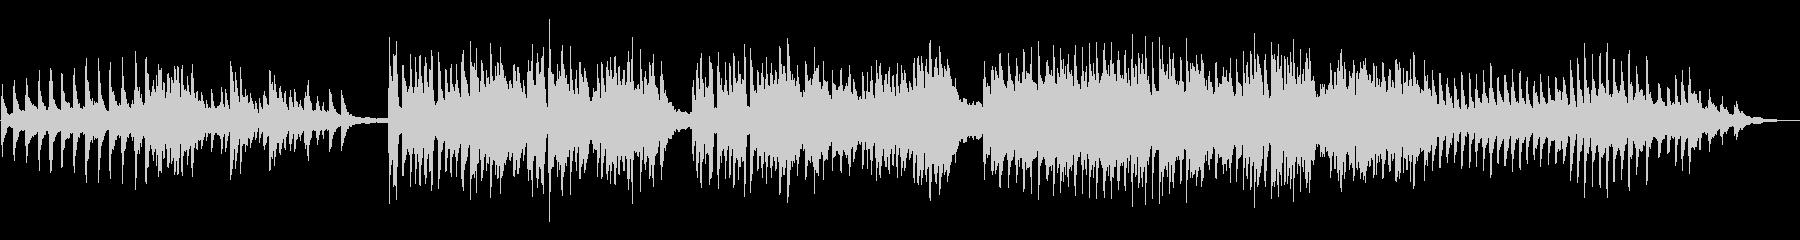 情熱的な大人の恋愛風クリスマスピアノソロの未再生の波形